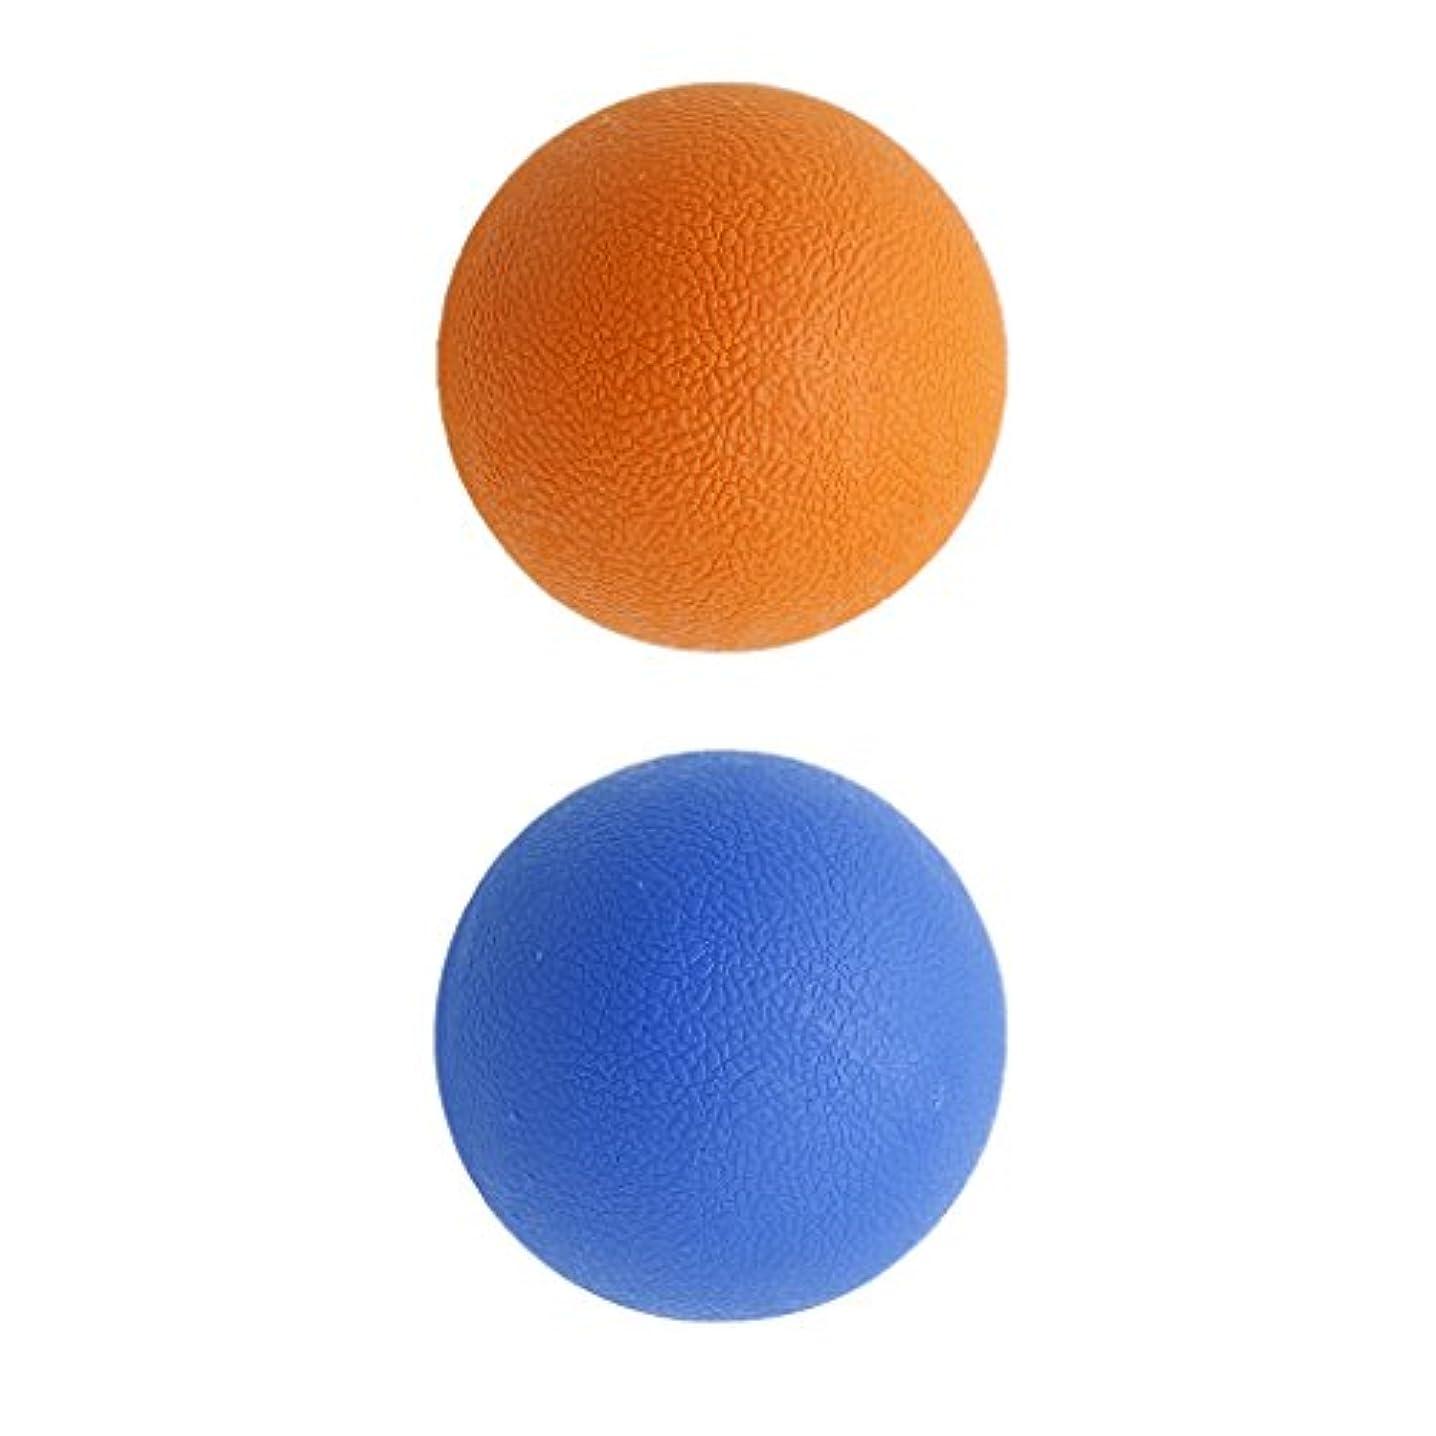 涙レコーダーほのめかす2個 マッサージボール ラクロスボール 背部 トリガ ポイント マッサージ 多色選べる - オレンジブルー